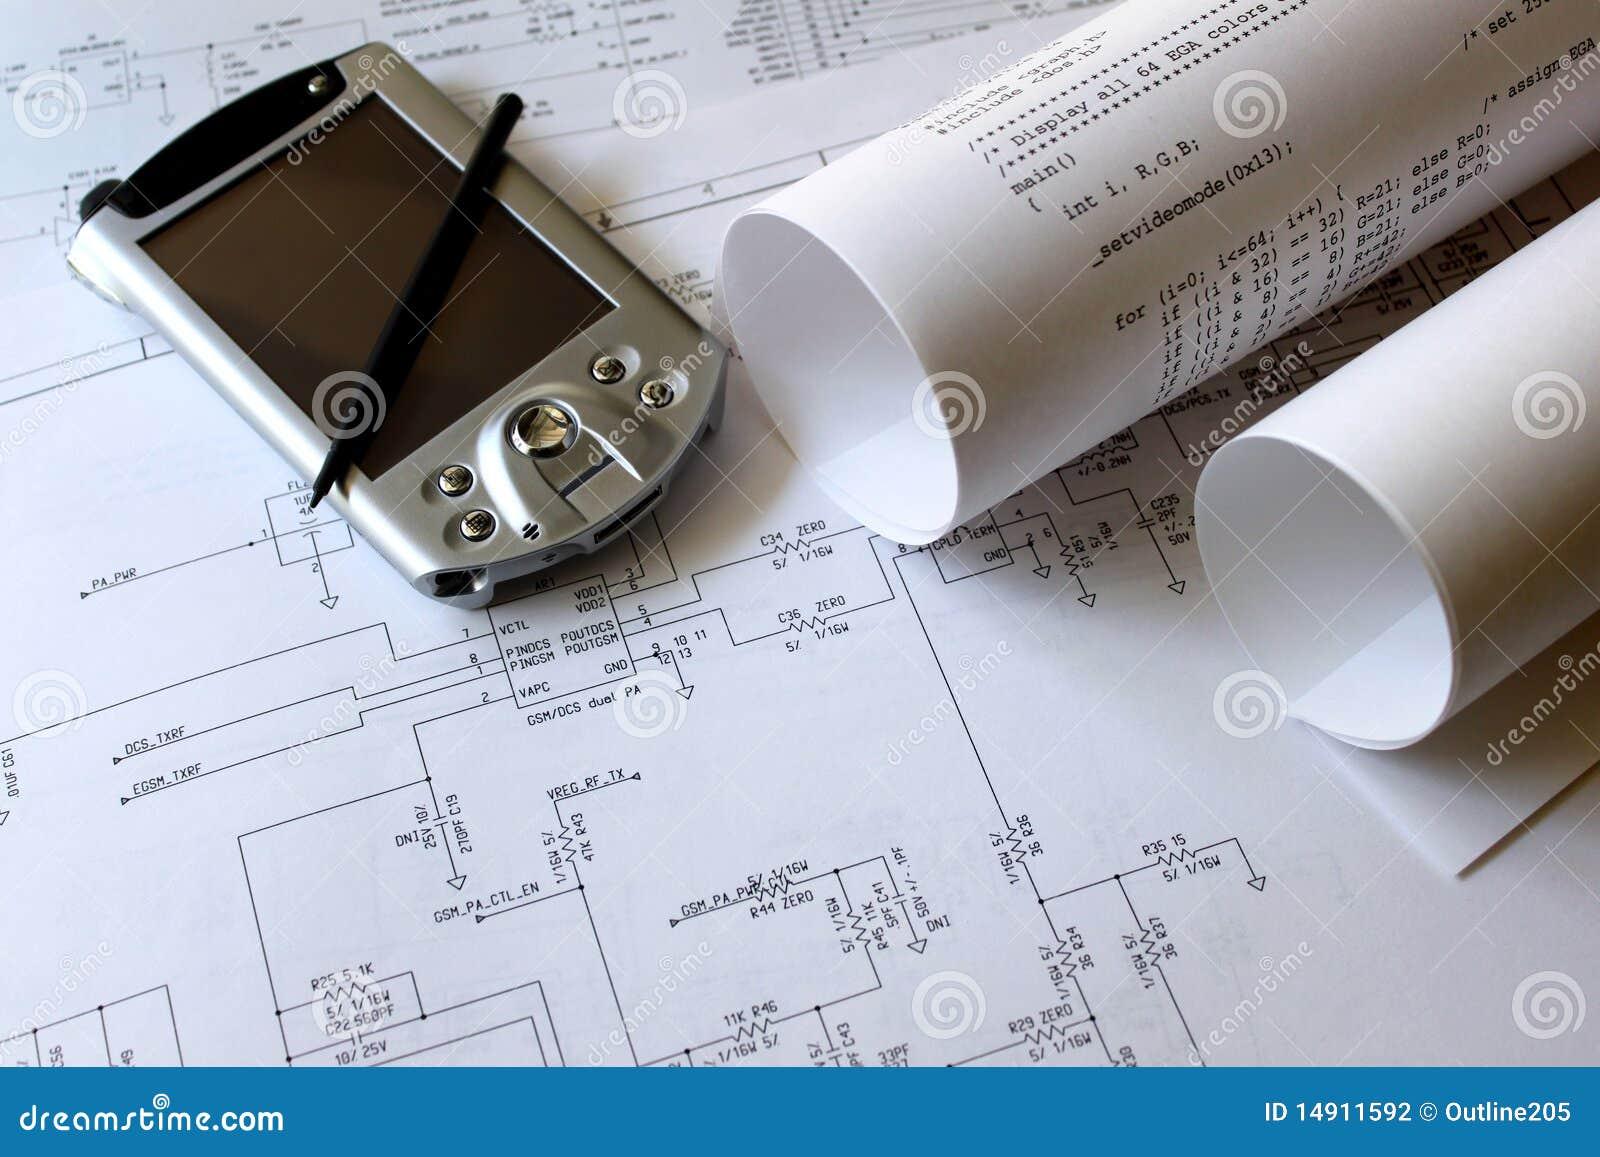 Smartphone mit Schaltplan stockfoto. Bild von konzept - 14911592